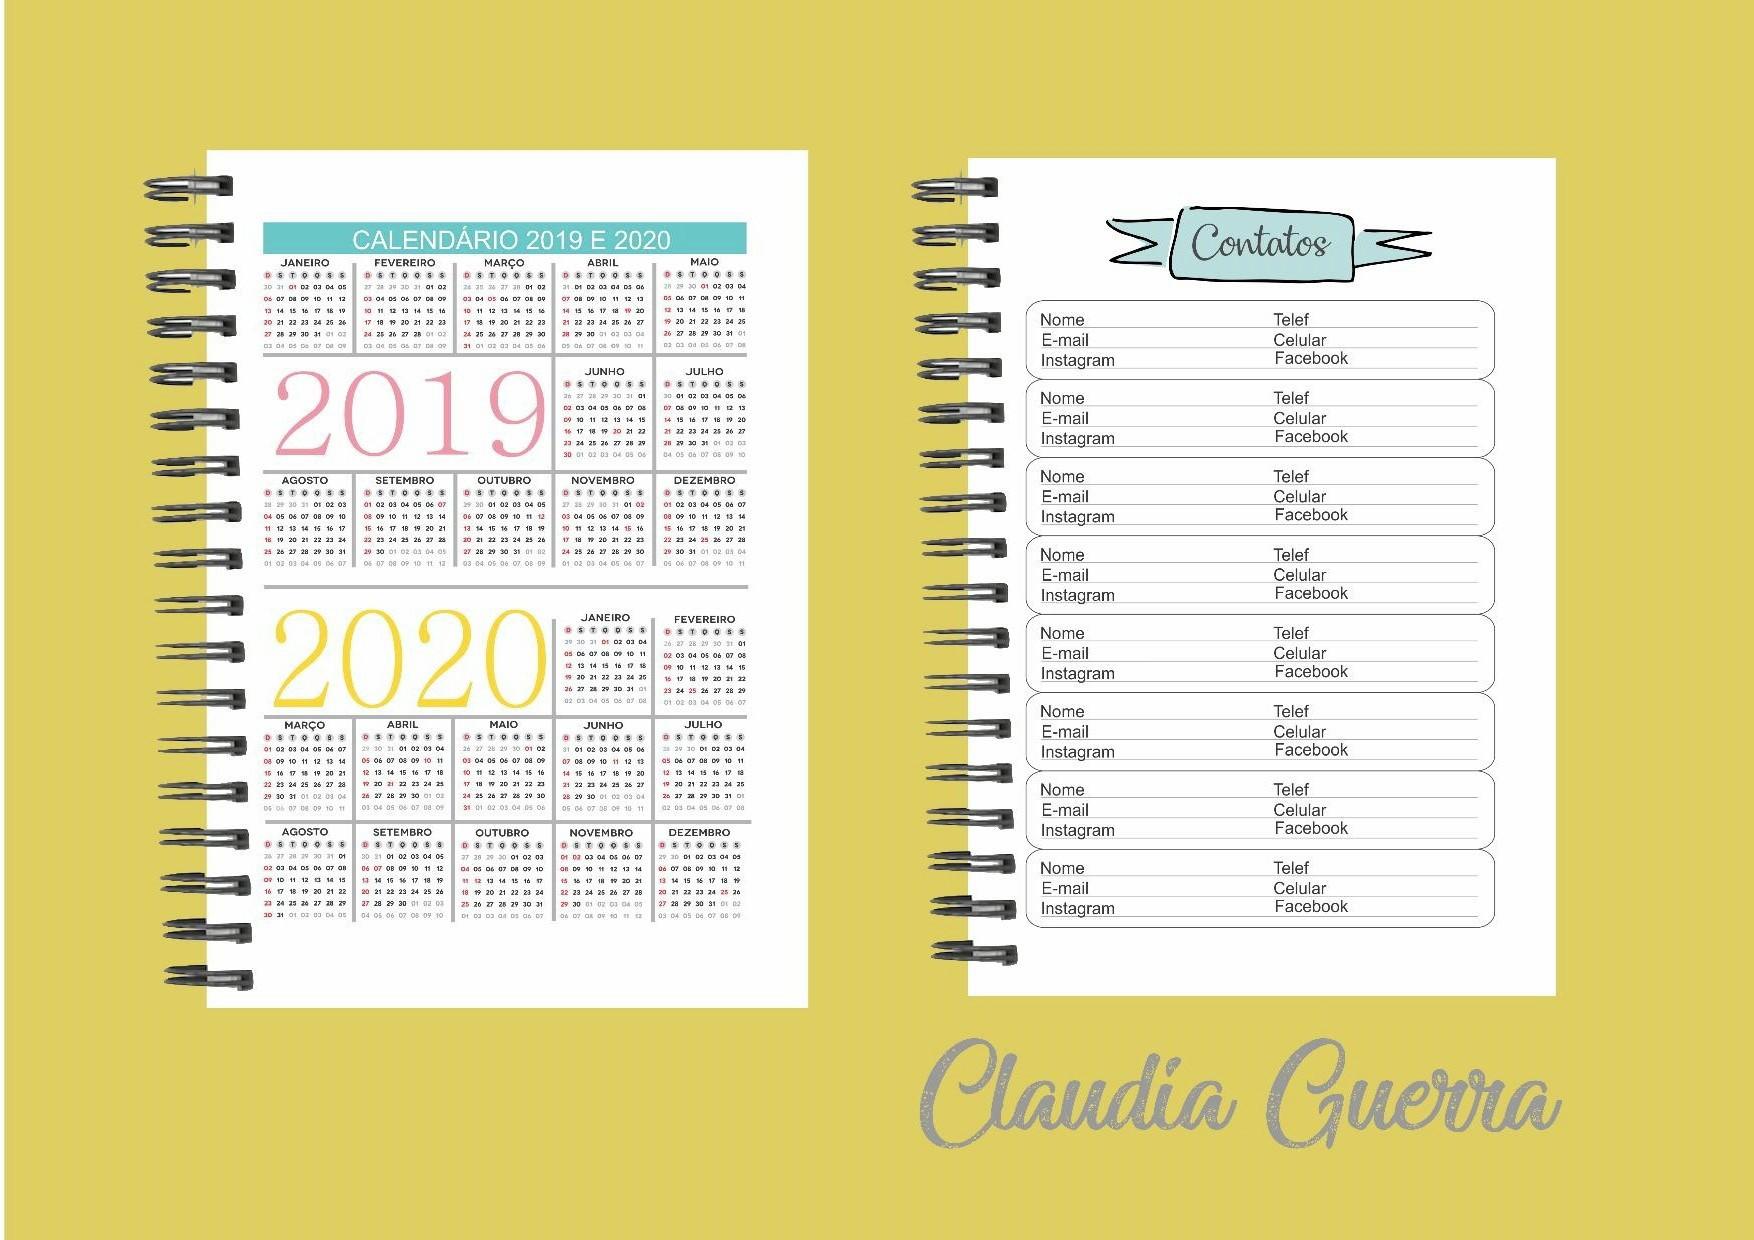 Calendario 2019 5 De Agosto Más Caliente Arquivo Digital Agenda Da Artesƒ A5